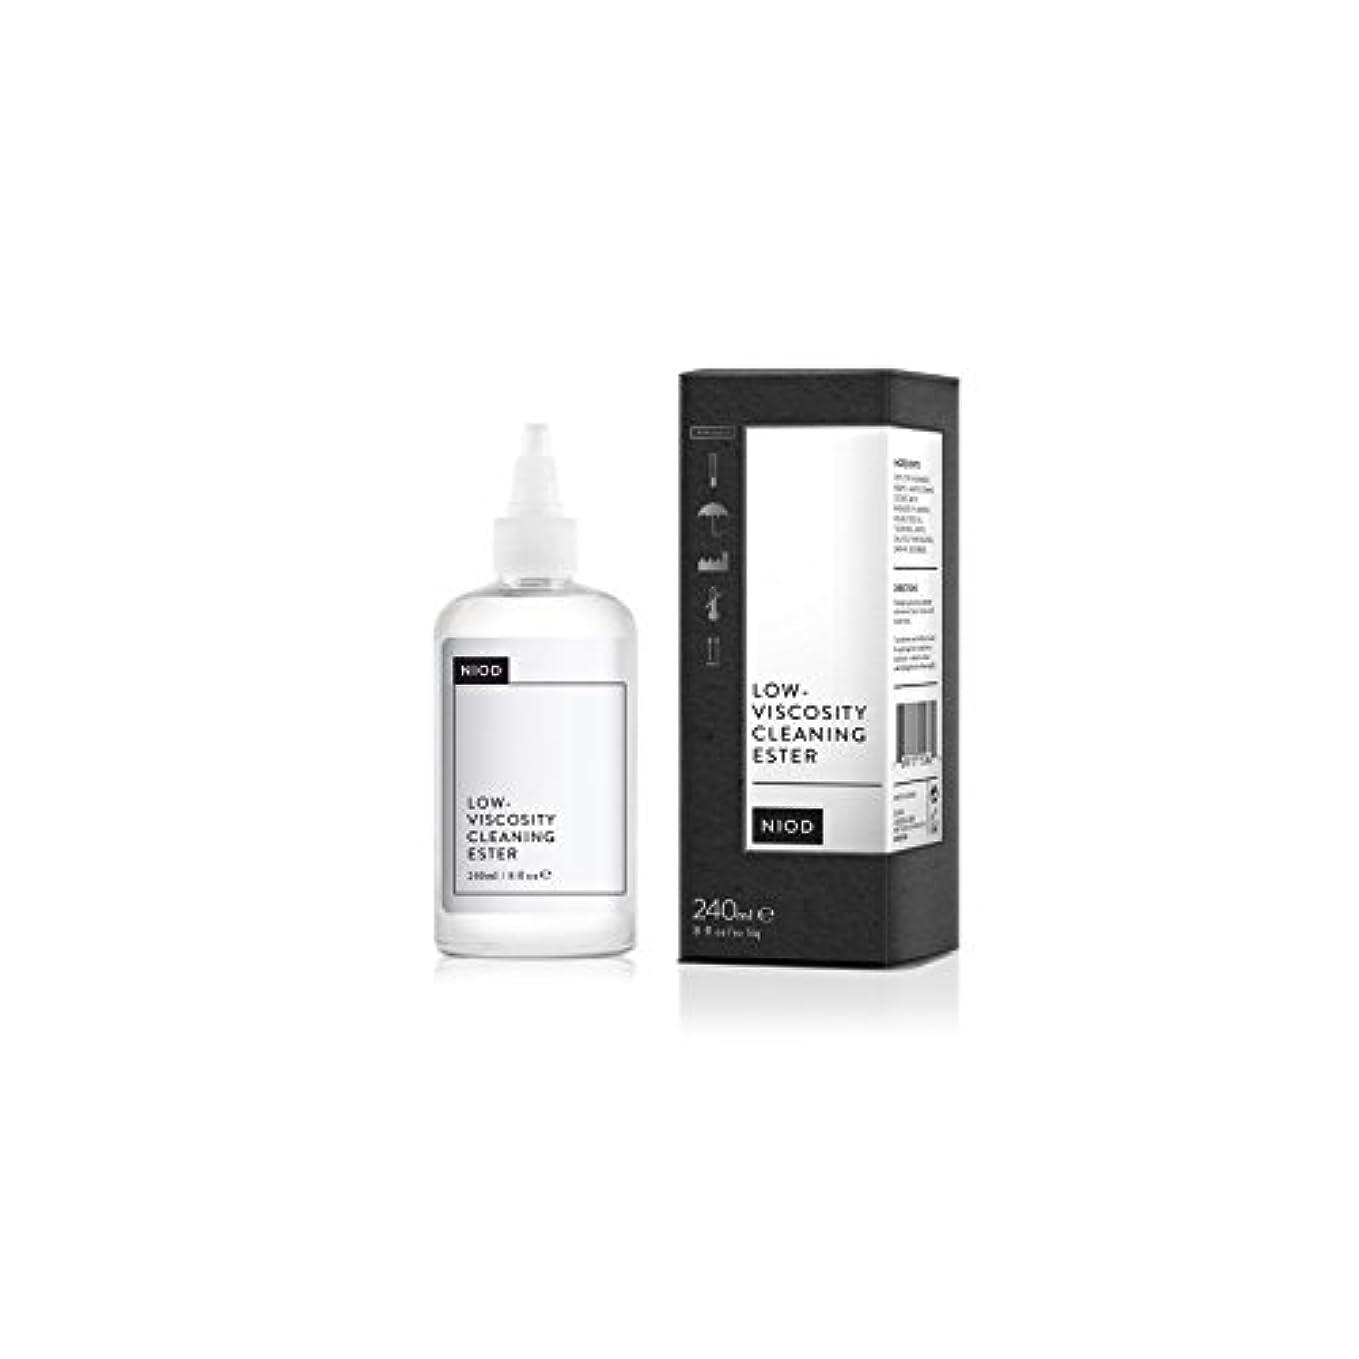 海峡若者低粘度のクリーニングエステル(240ミリリットル) x2 - Niod Low-Viscosity Cleaning Ester (240ml) (Pack of 2) [並行輸入品]